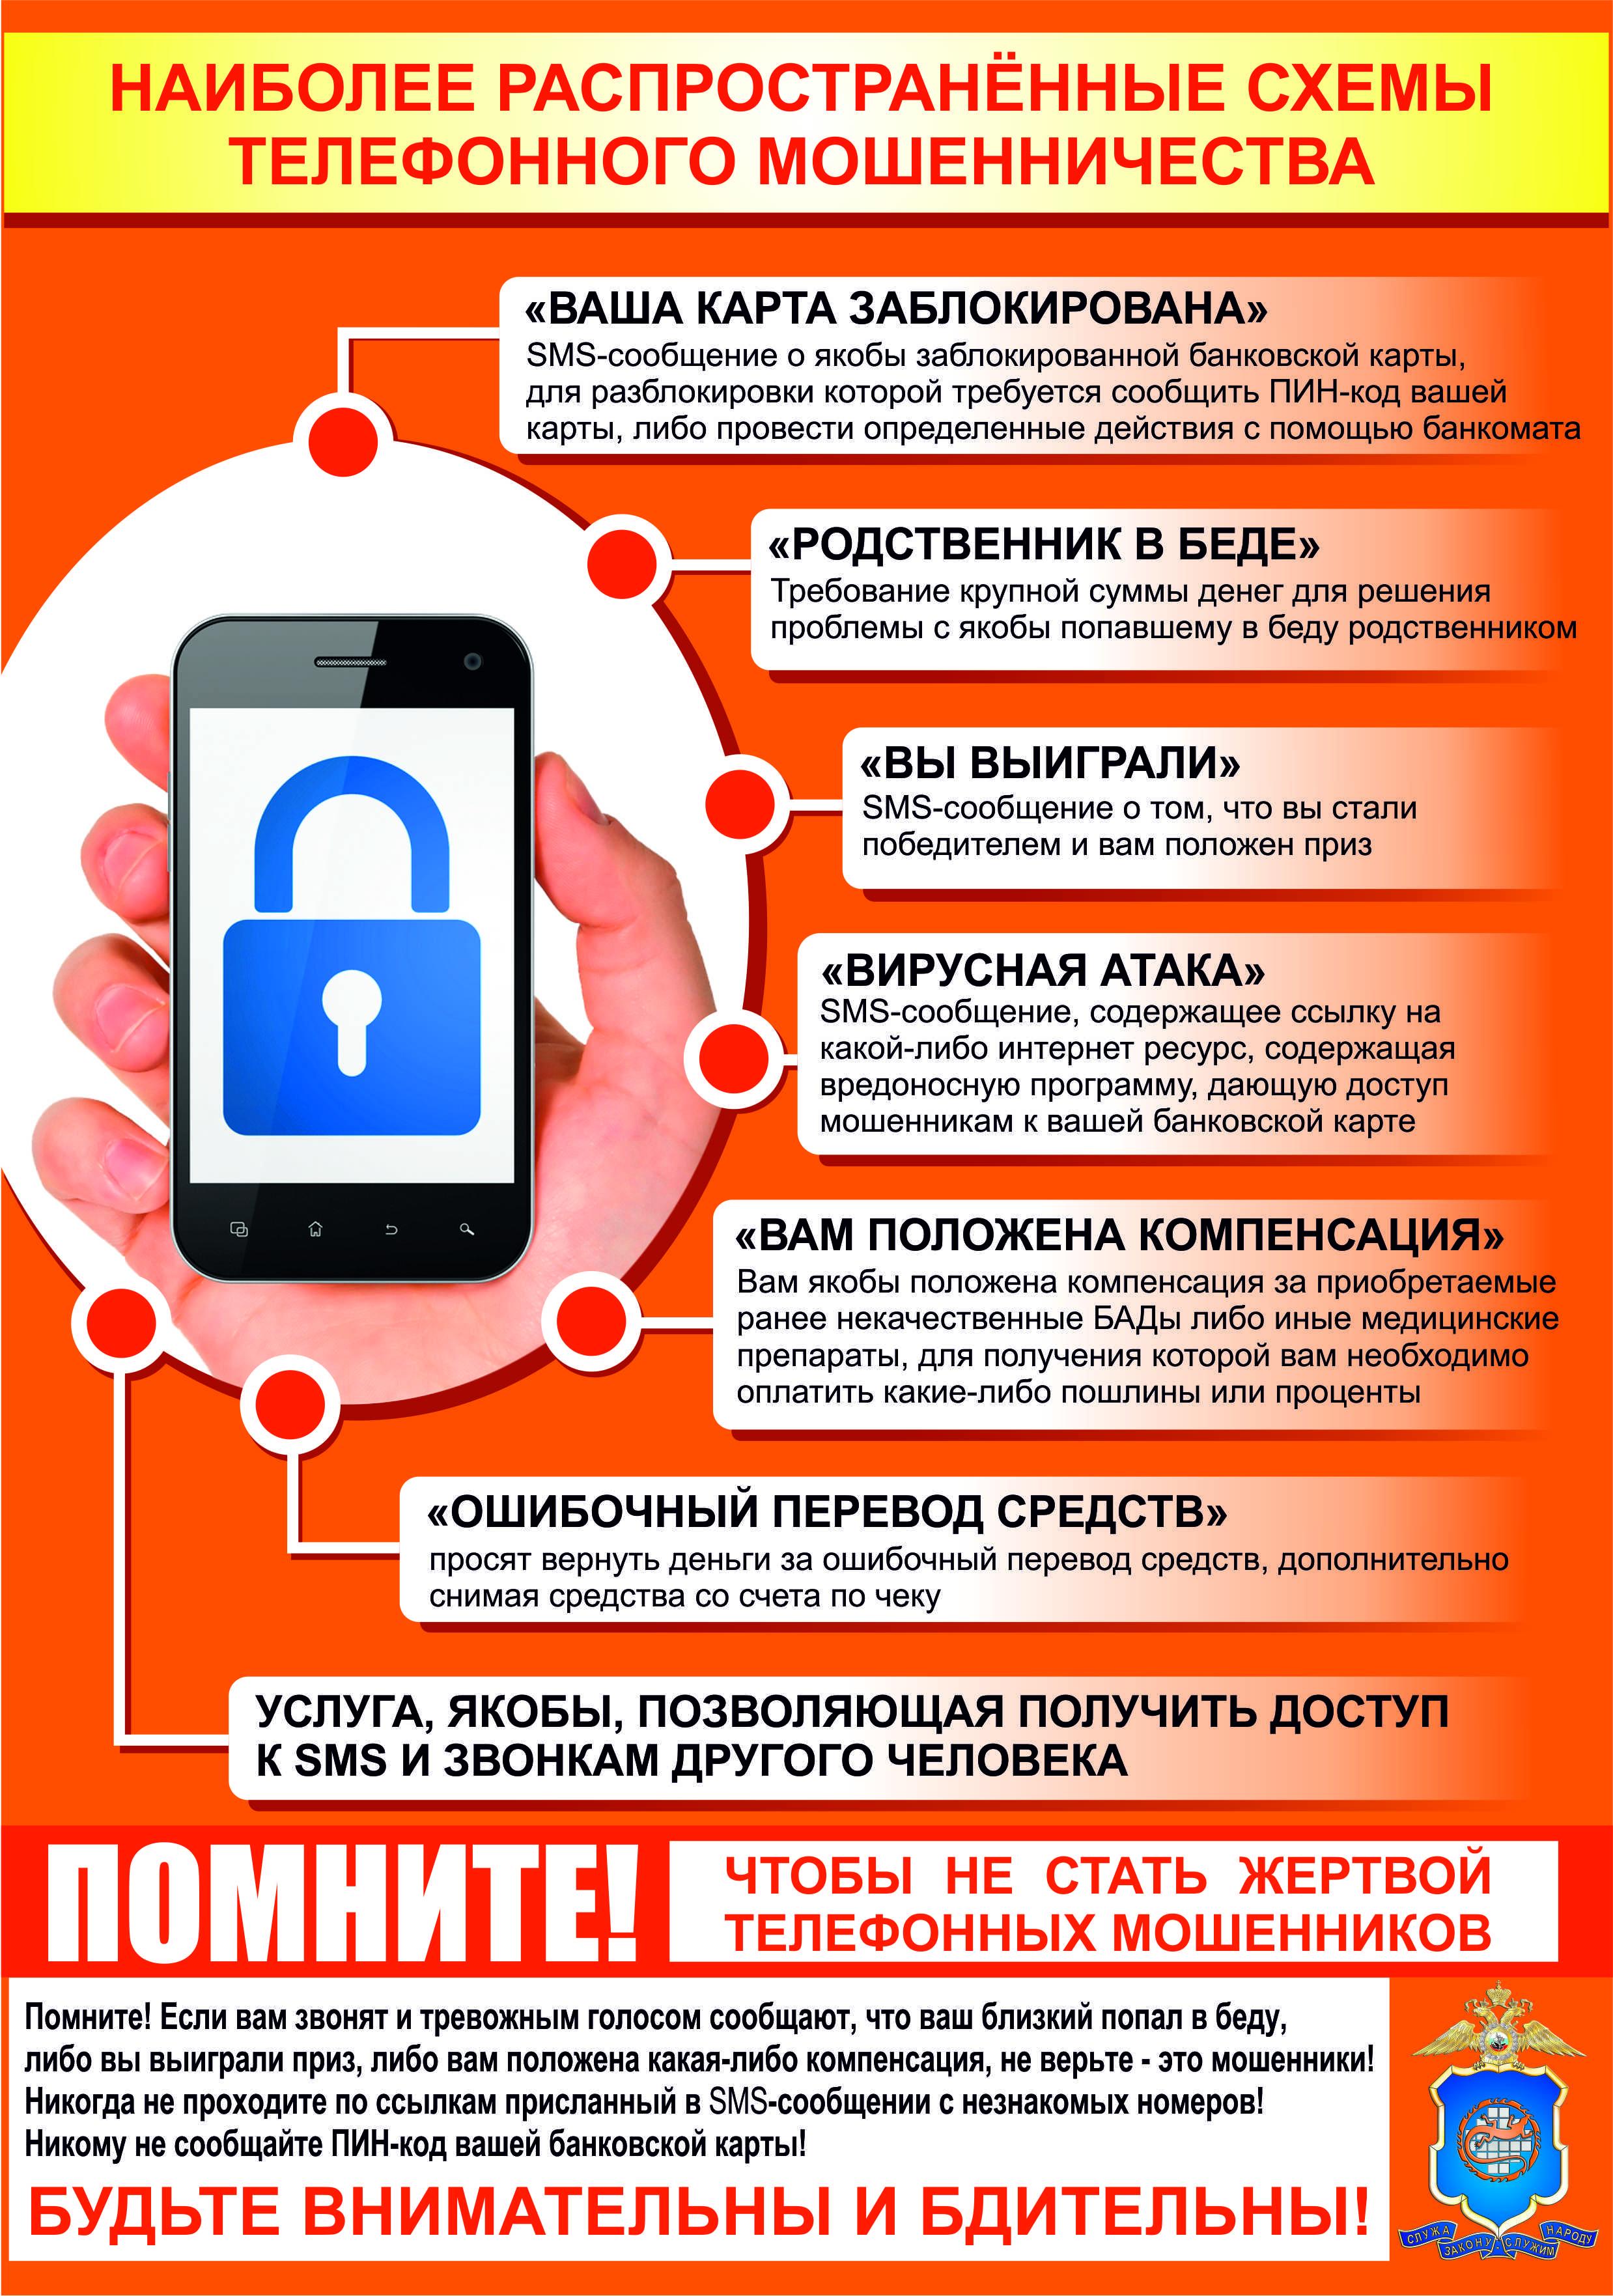 Схема телефонного мошенничества